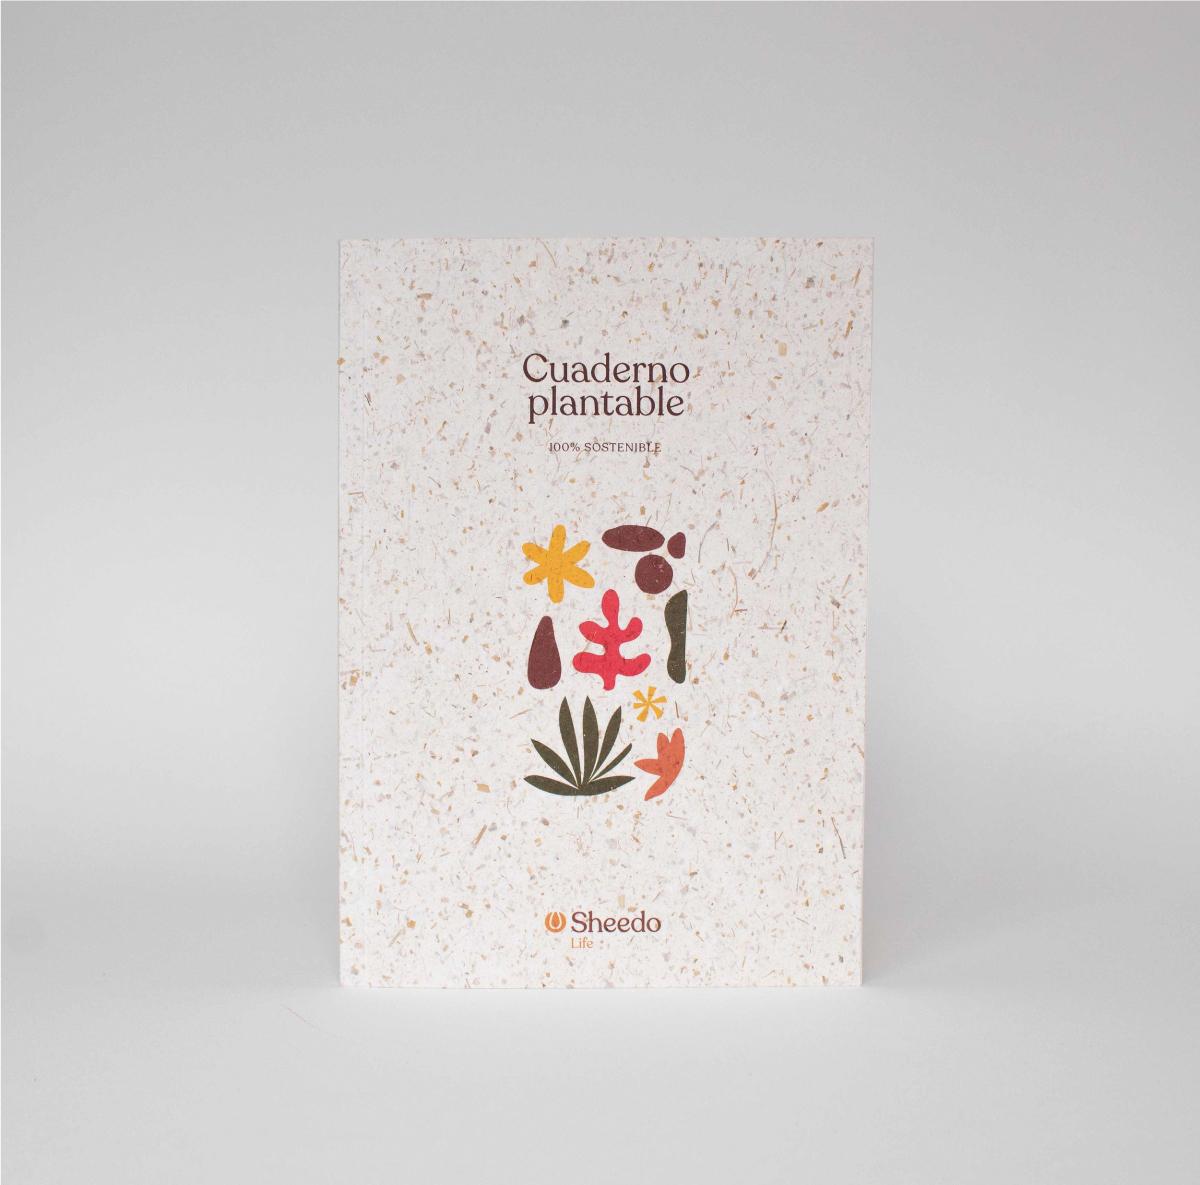 cuaderno-sostenible